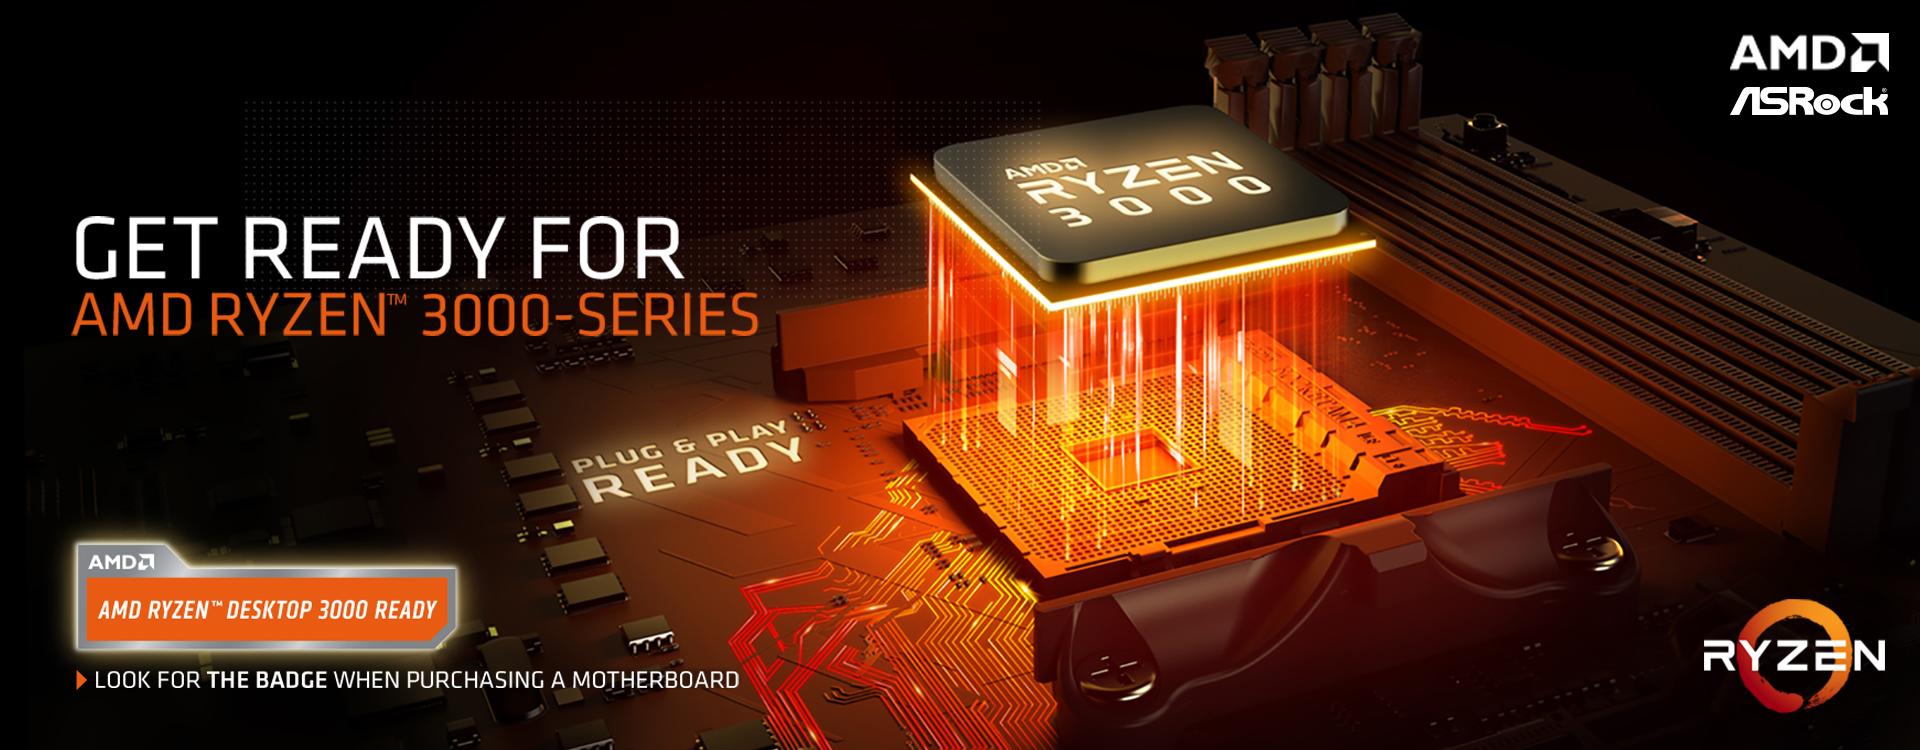 AMD Ryzen 3000 Series Banner